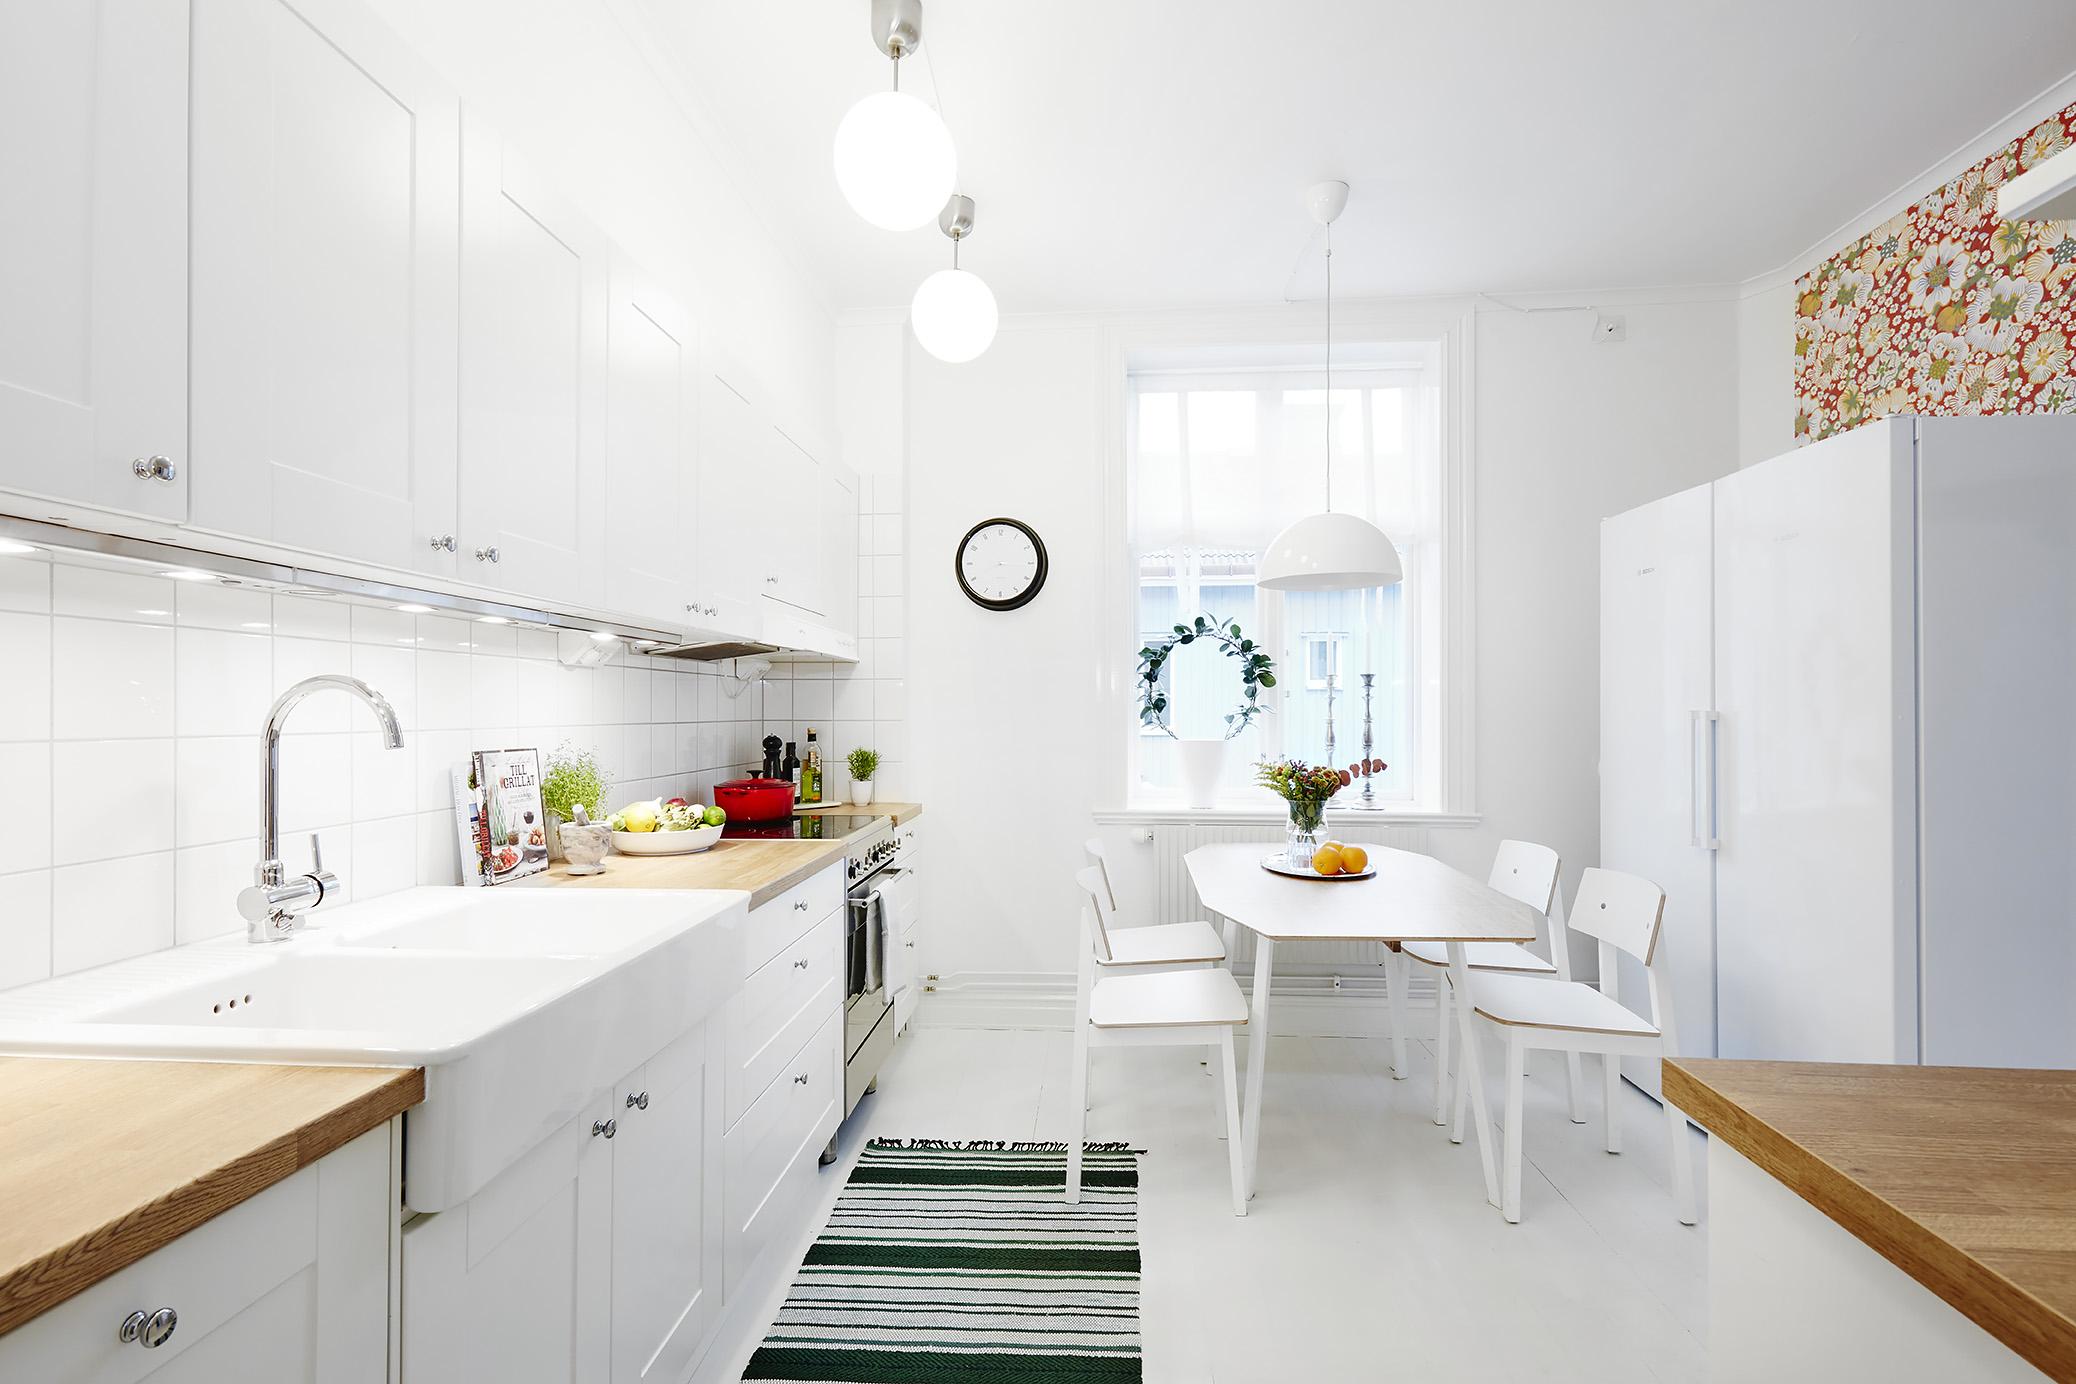 Iluminaci n extra en la cocina blog tienda decoraci n - Cocinas nordicas ...